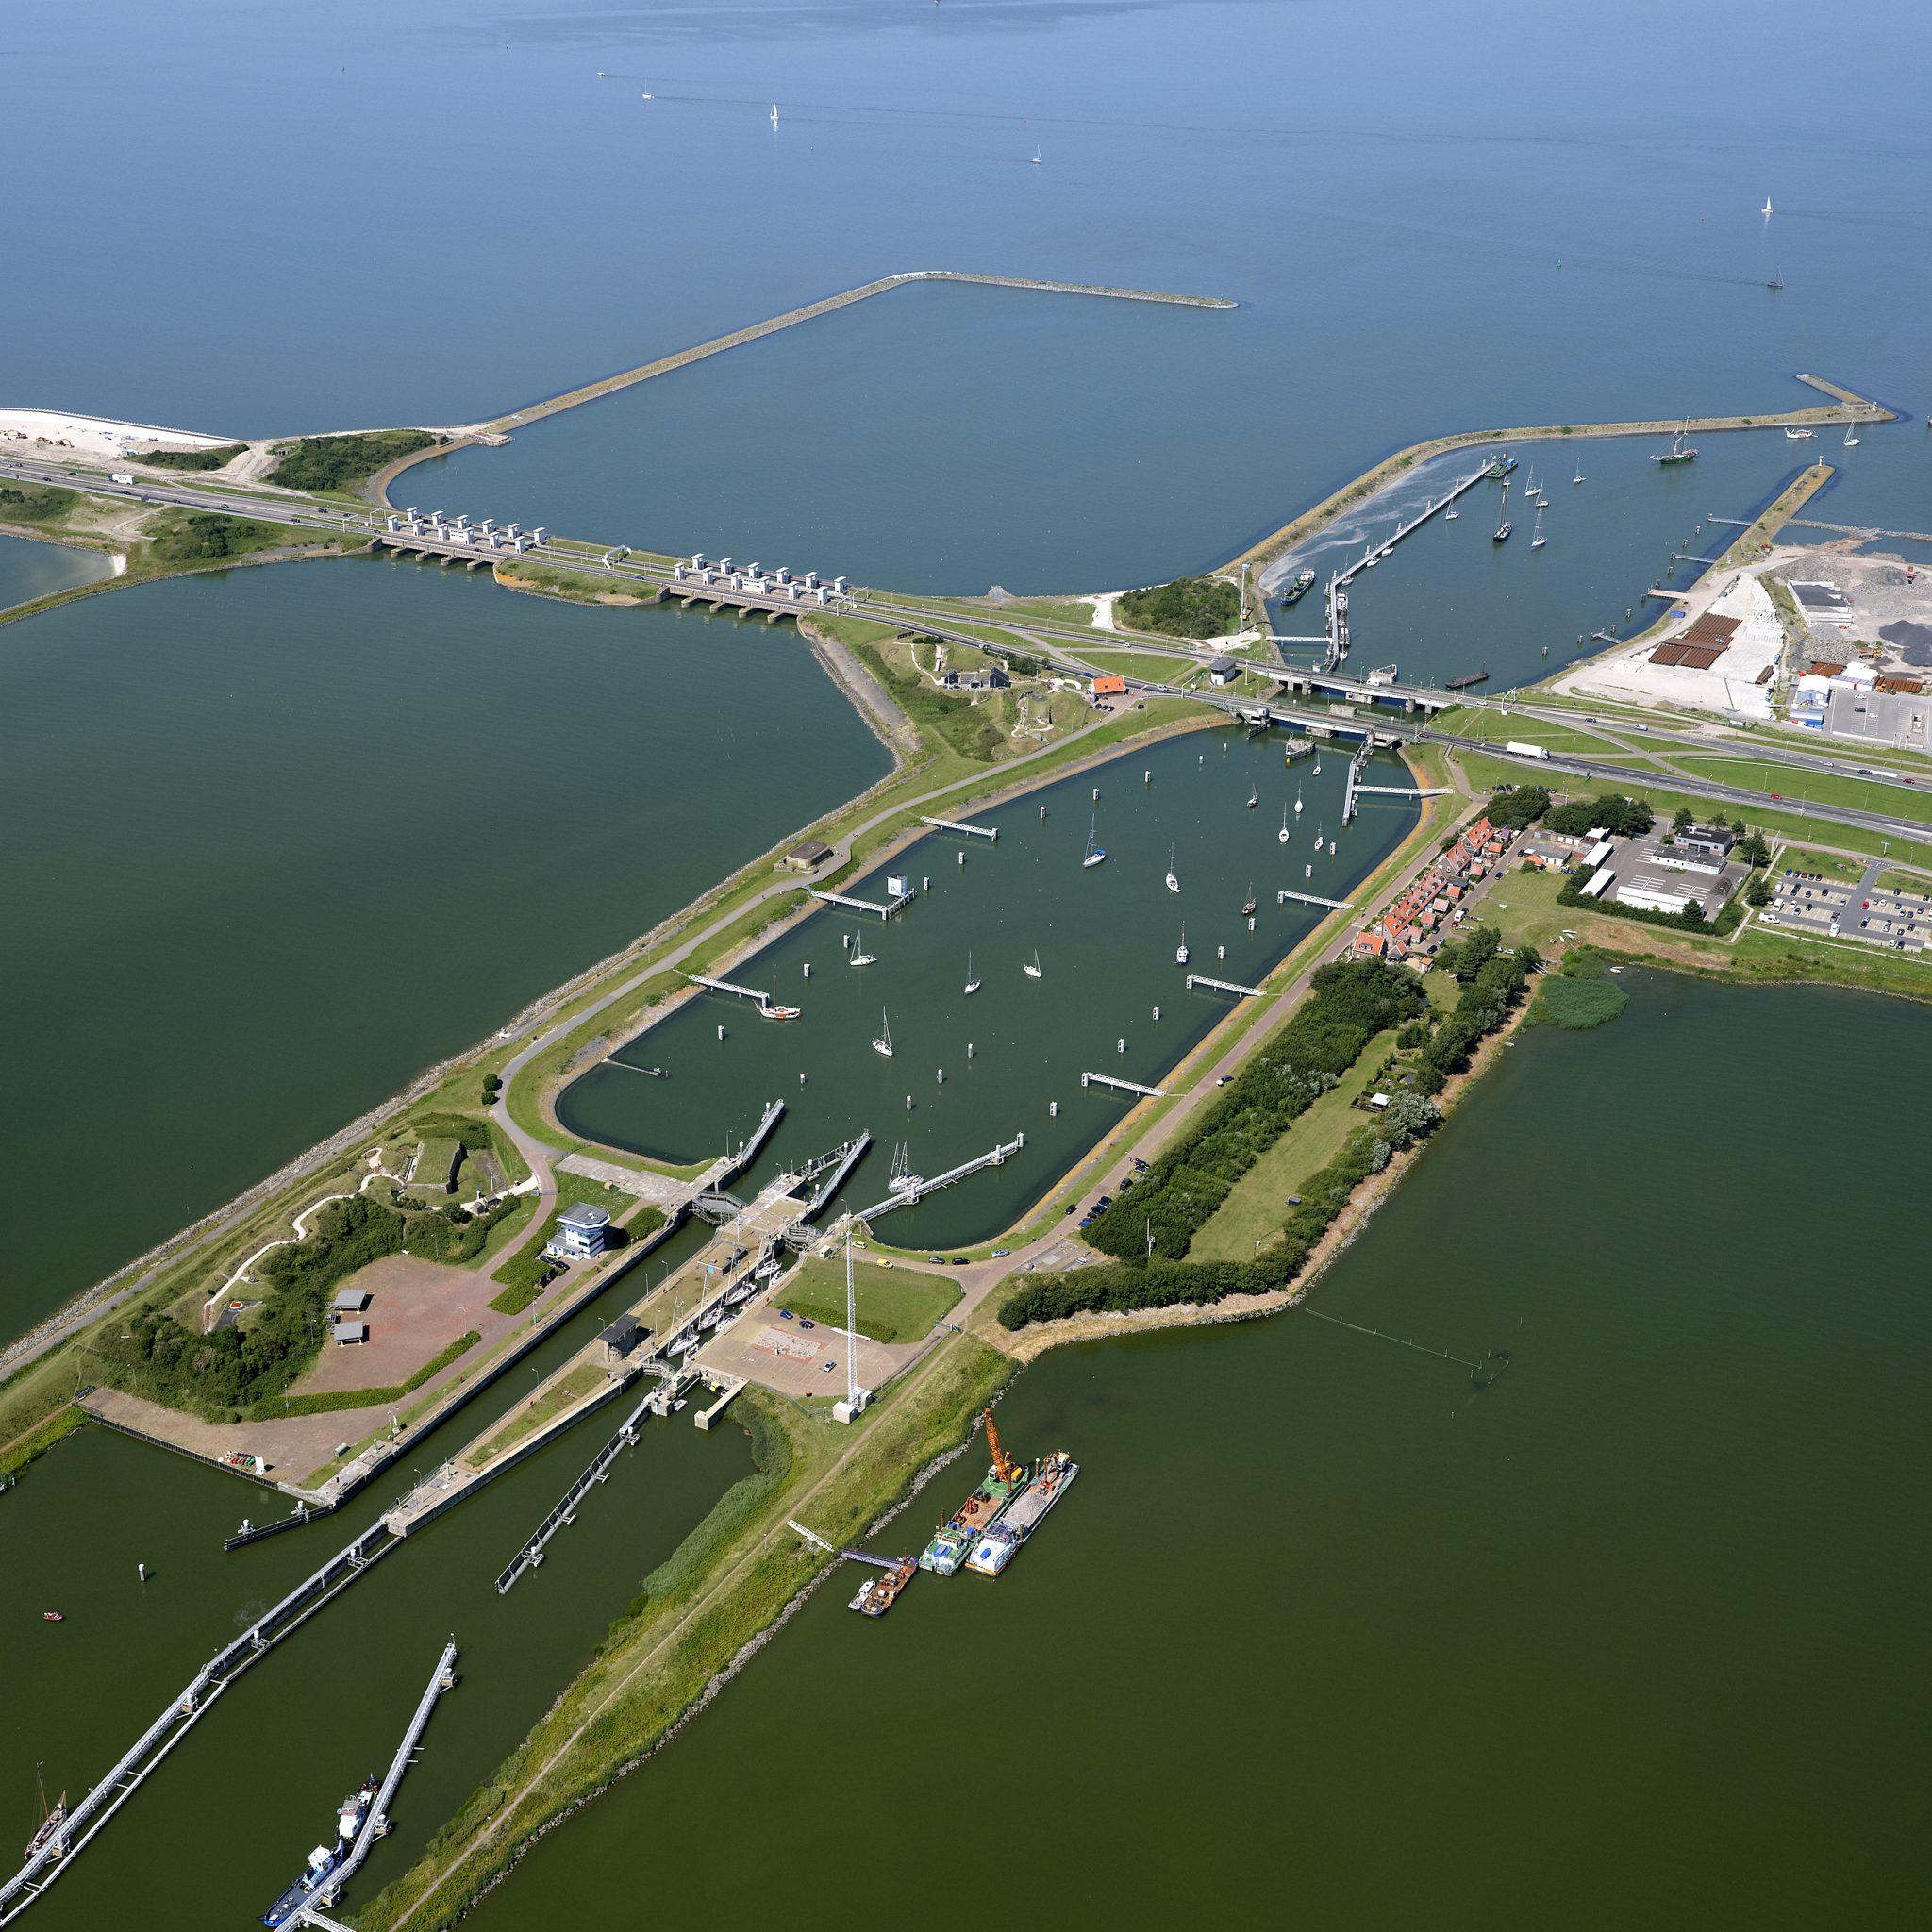 Luchtopname van de Afsluitdijk met de Lorentzsluizen bij Kornwerderzand. (Foto ANP)